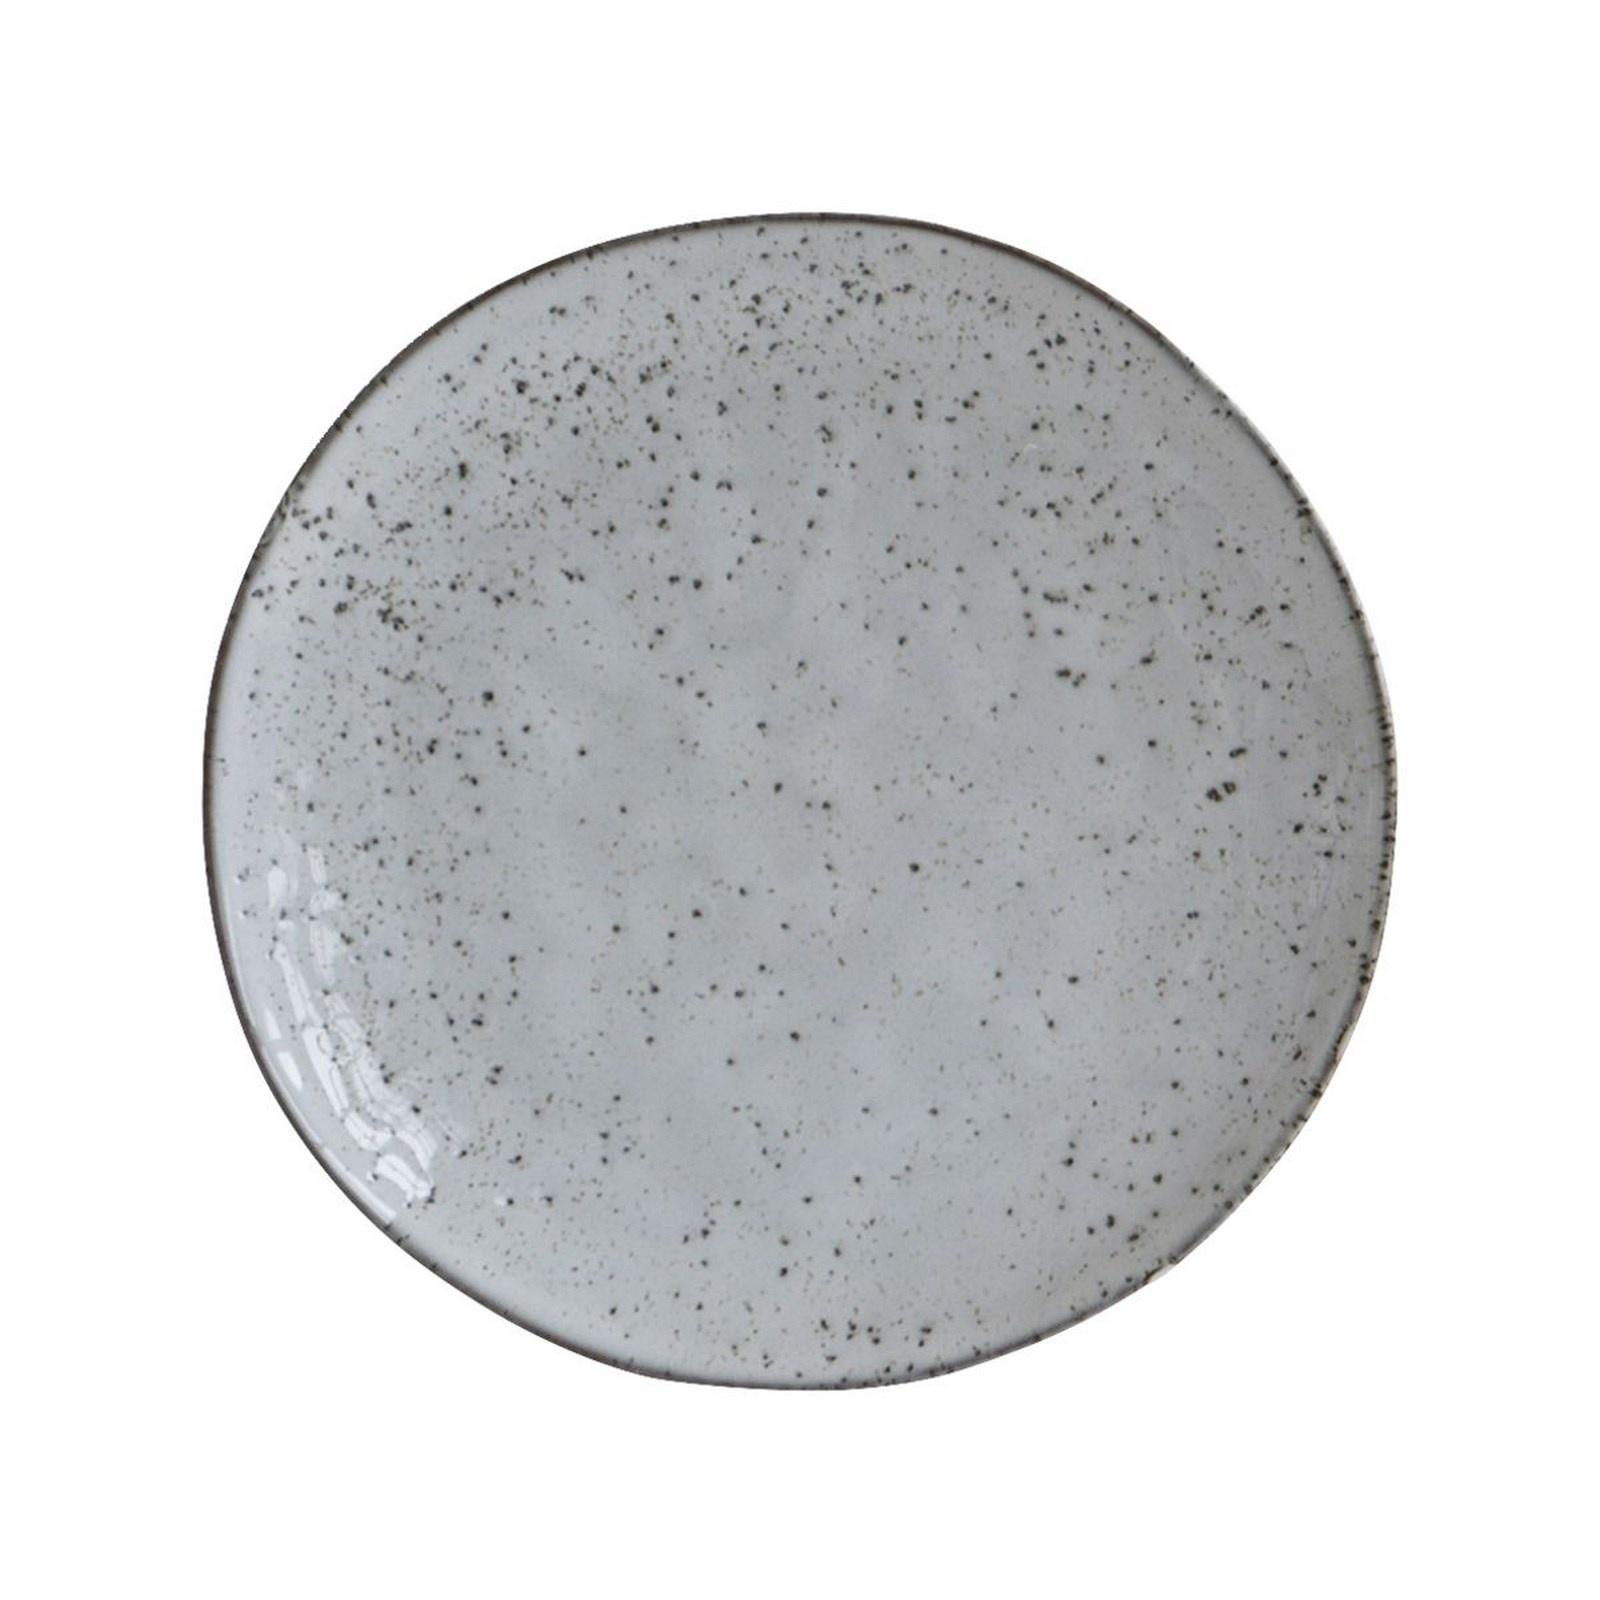 House Doctor Rustic desserttallerken, Ø20,5, gråblå